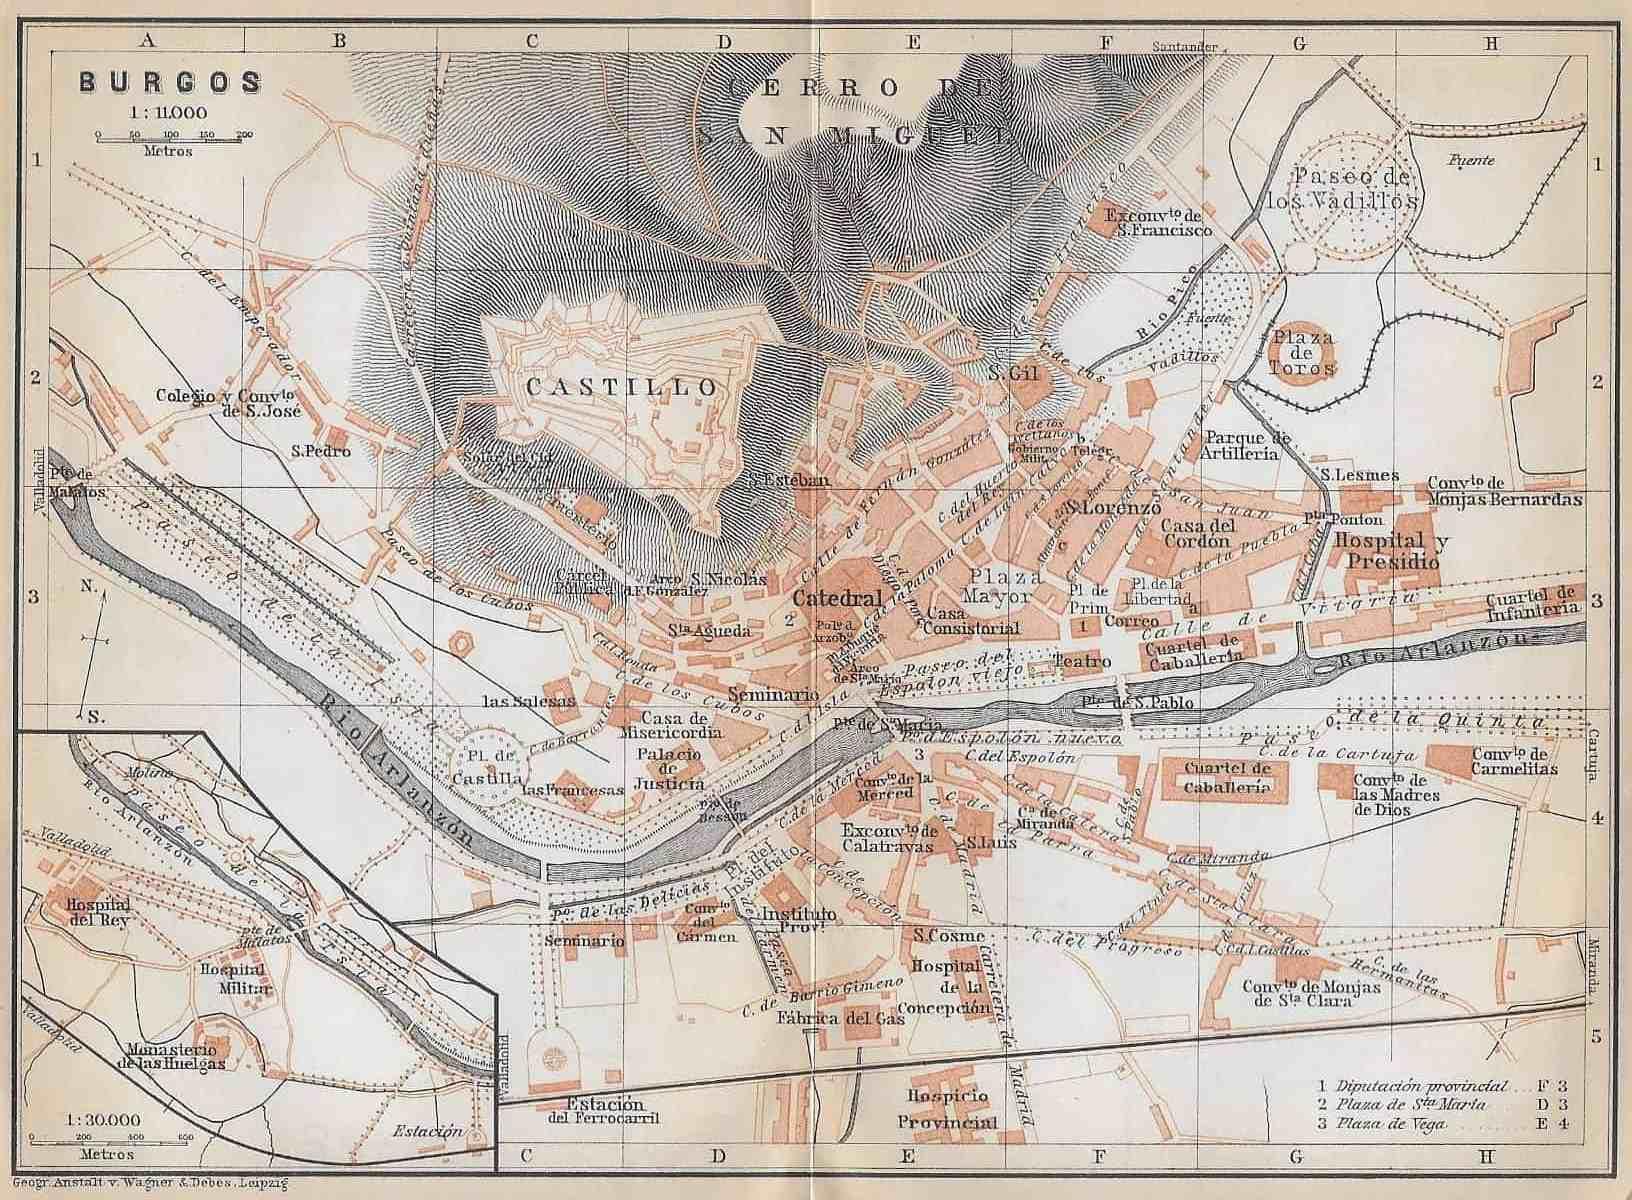 Burgos Spain 1914